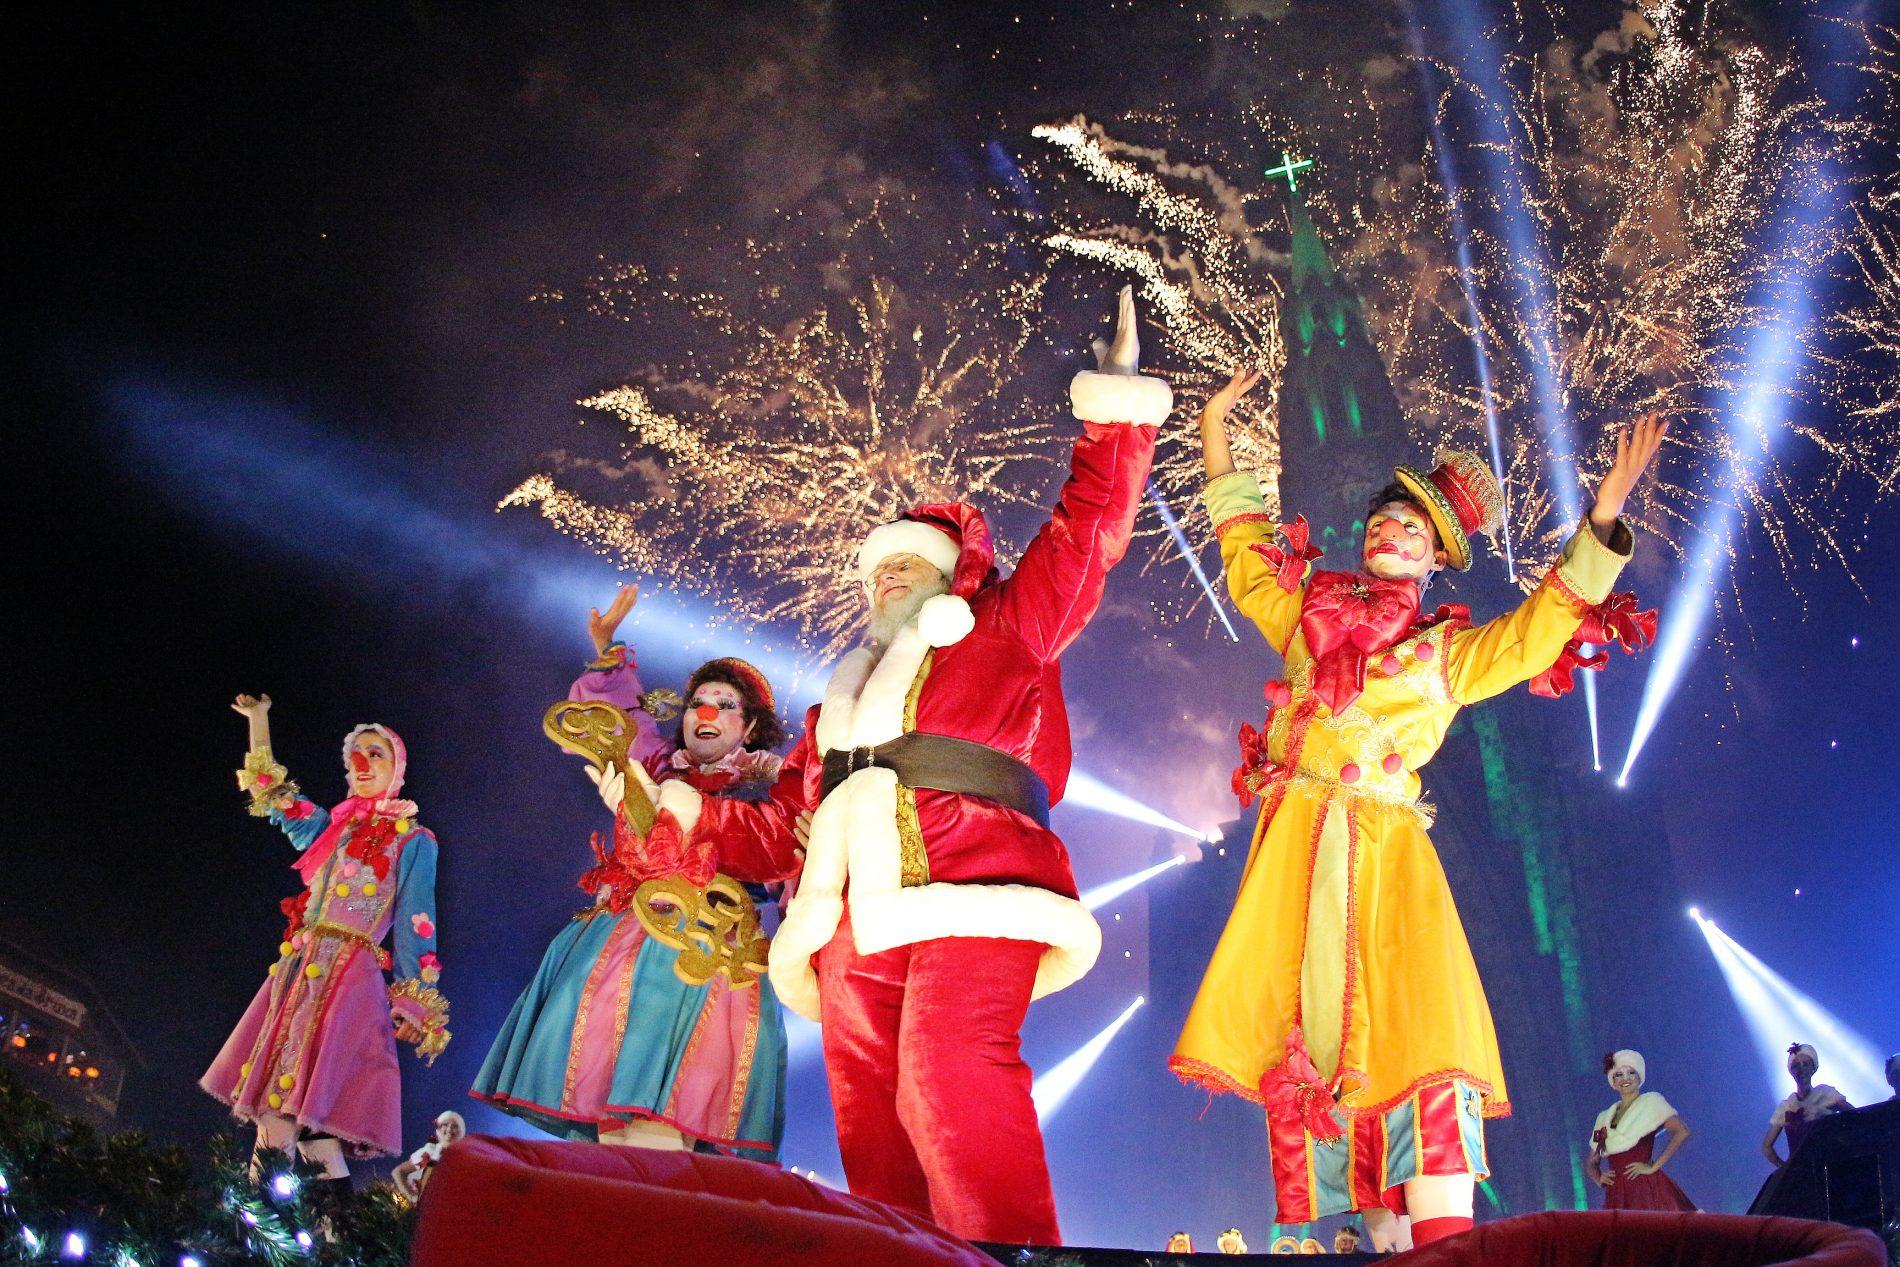 O Sonho de Natal de Canela completa 30 anos com muitas celebrações e festividades (Foto:Ricardo Varela/Divulgação)